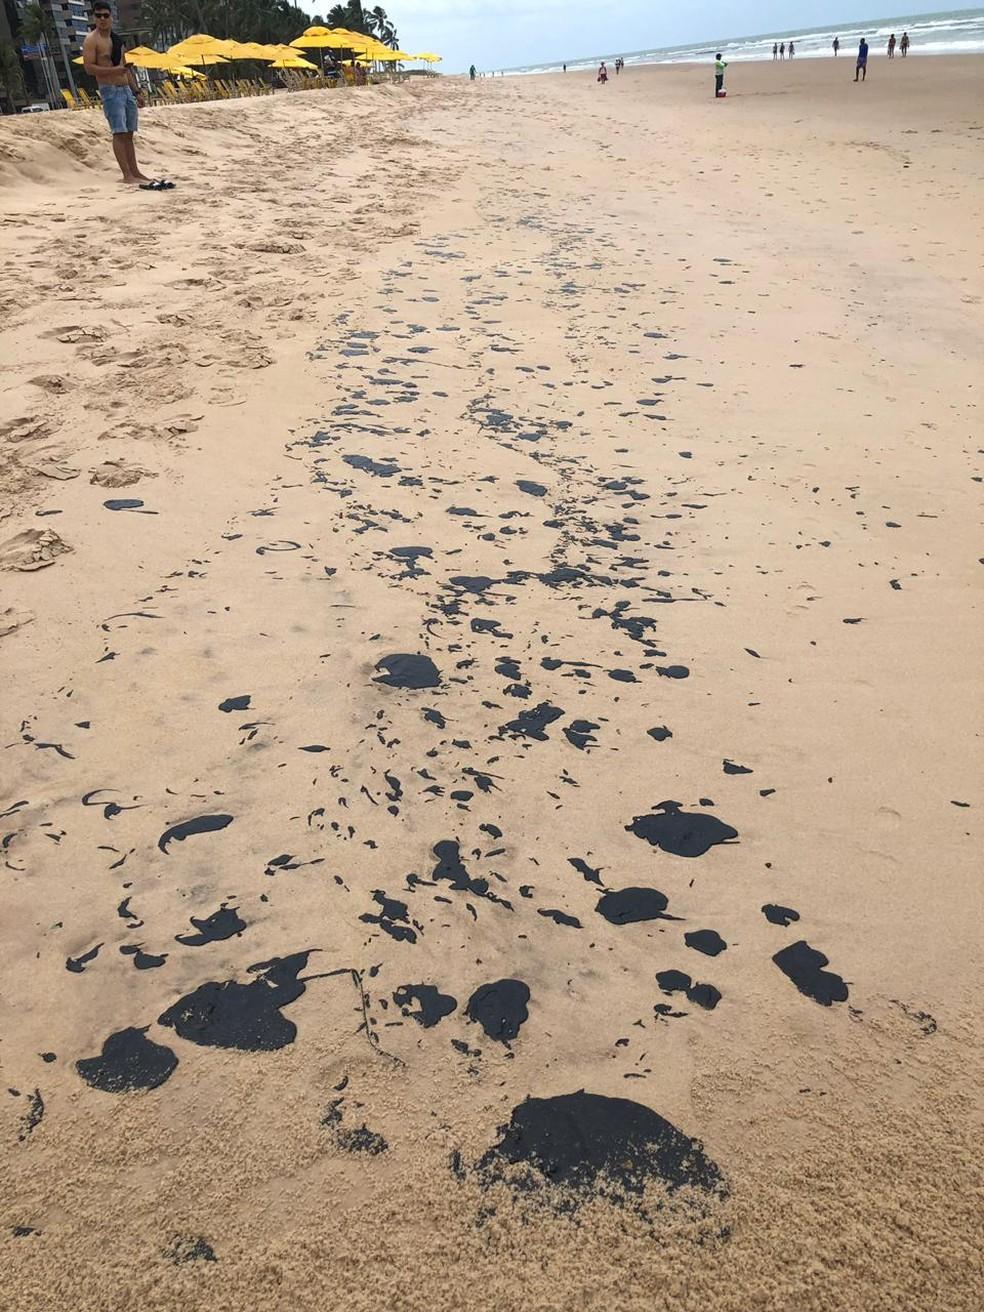 Manchas escuras apareceram na praia de Boa Viagem, no Recife  — Foto: Reprodução/WhatsApp